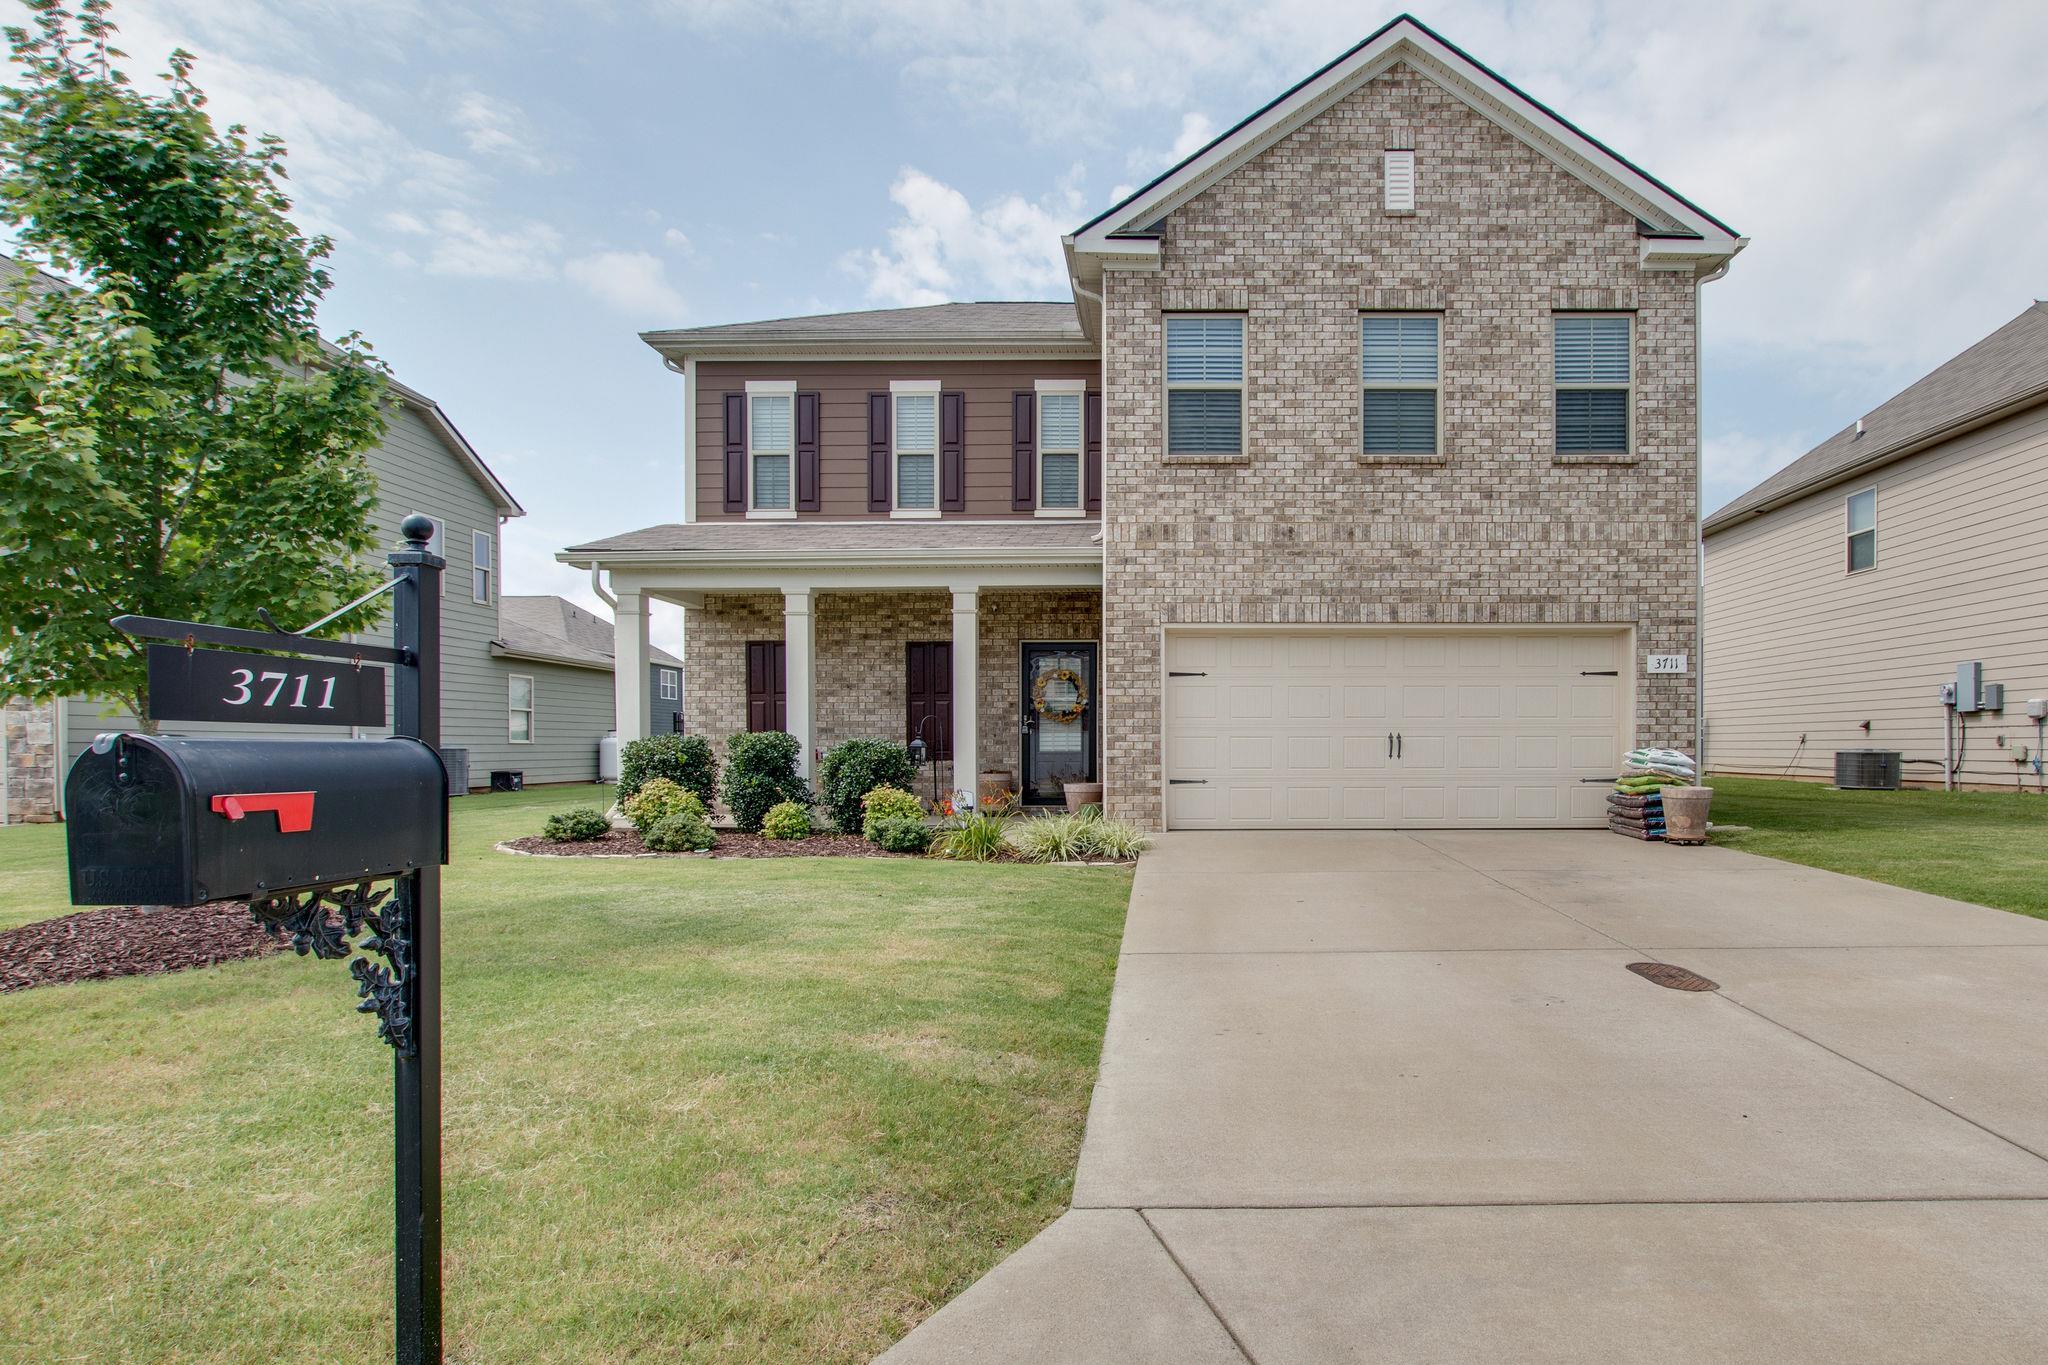 3711 Jerry Anderson Dr., Murfreesboro, TN 37128 - Murfreesboro, TN real estate listing